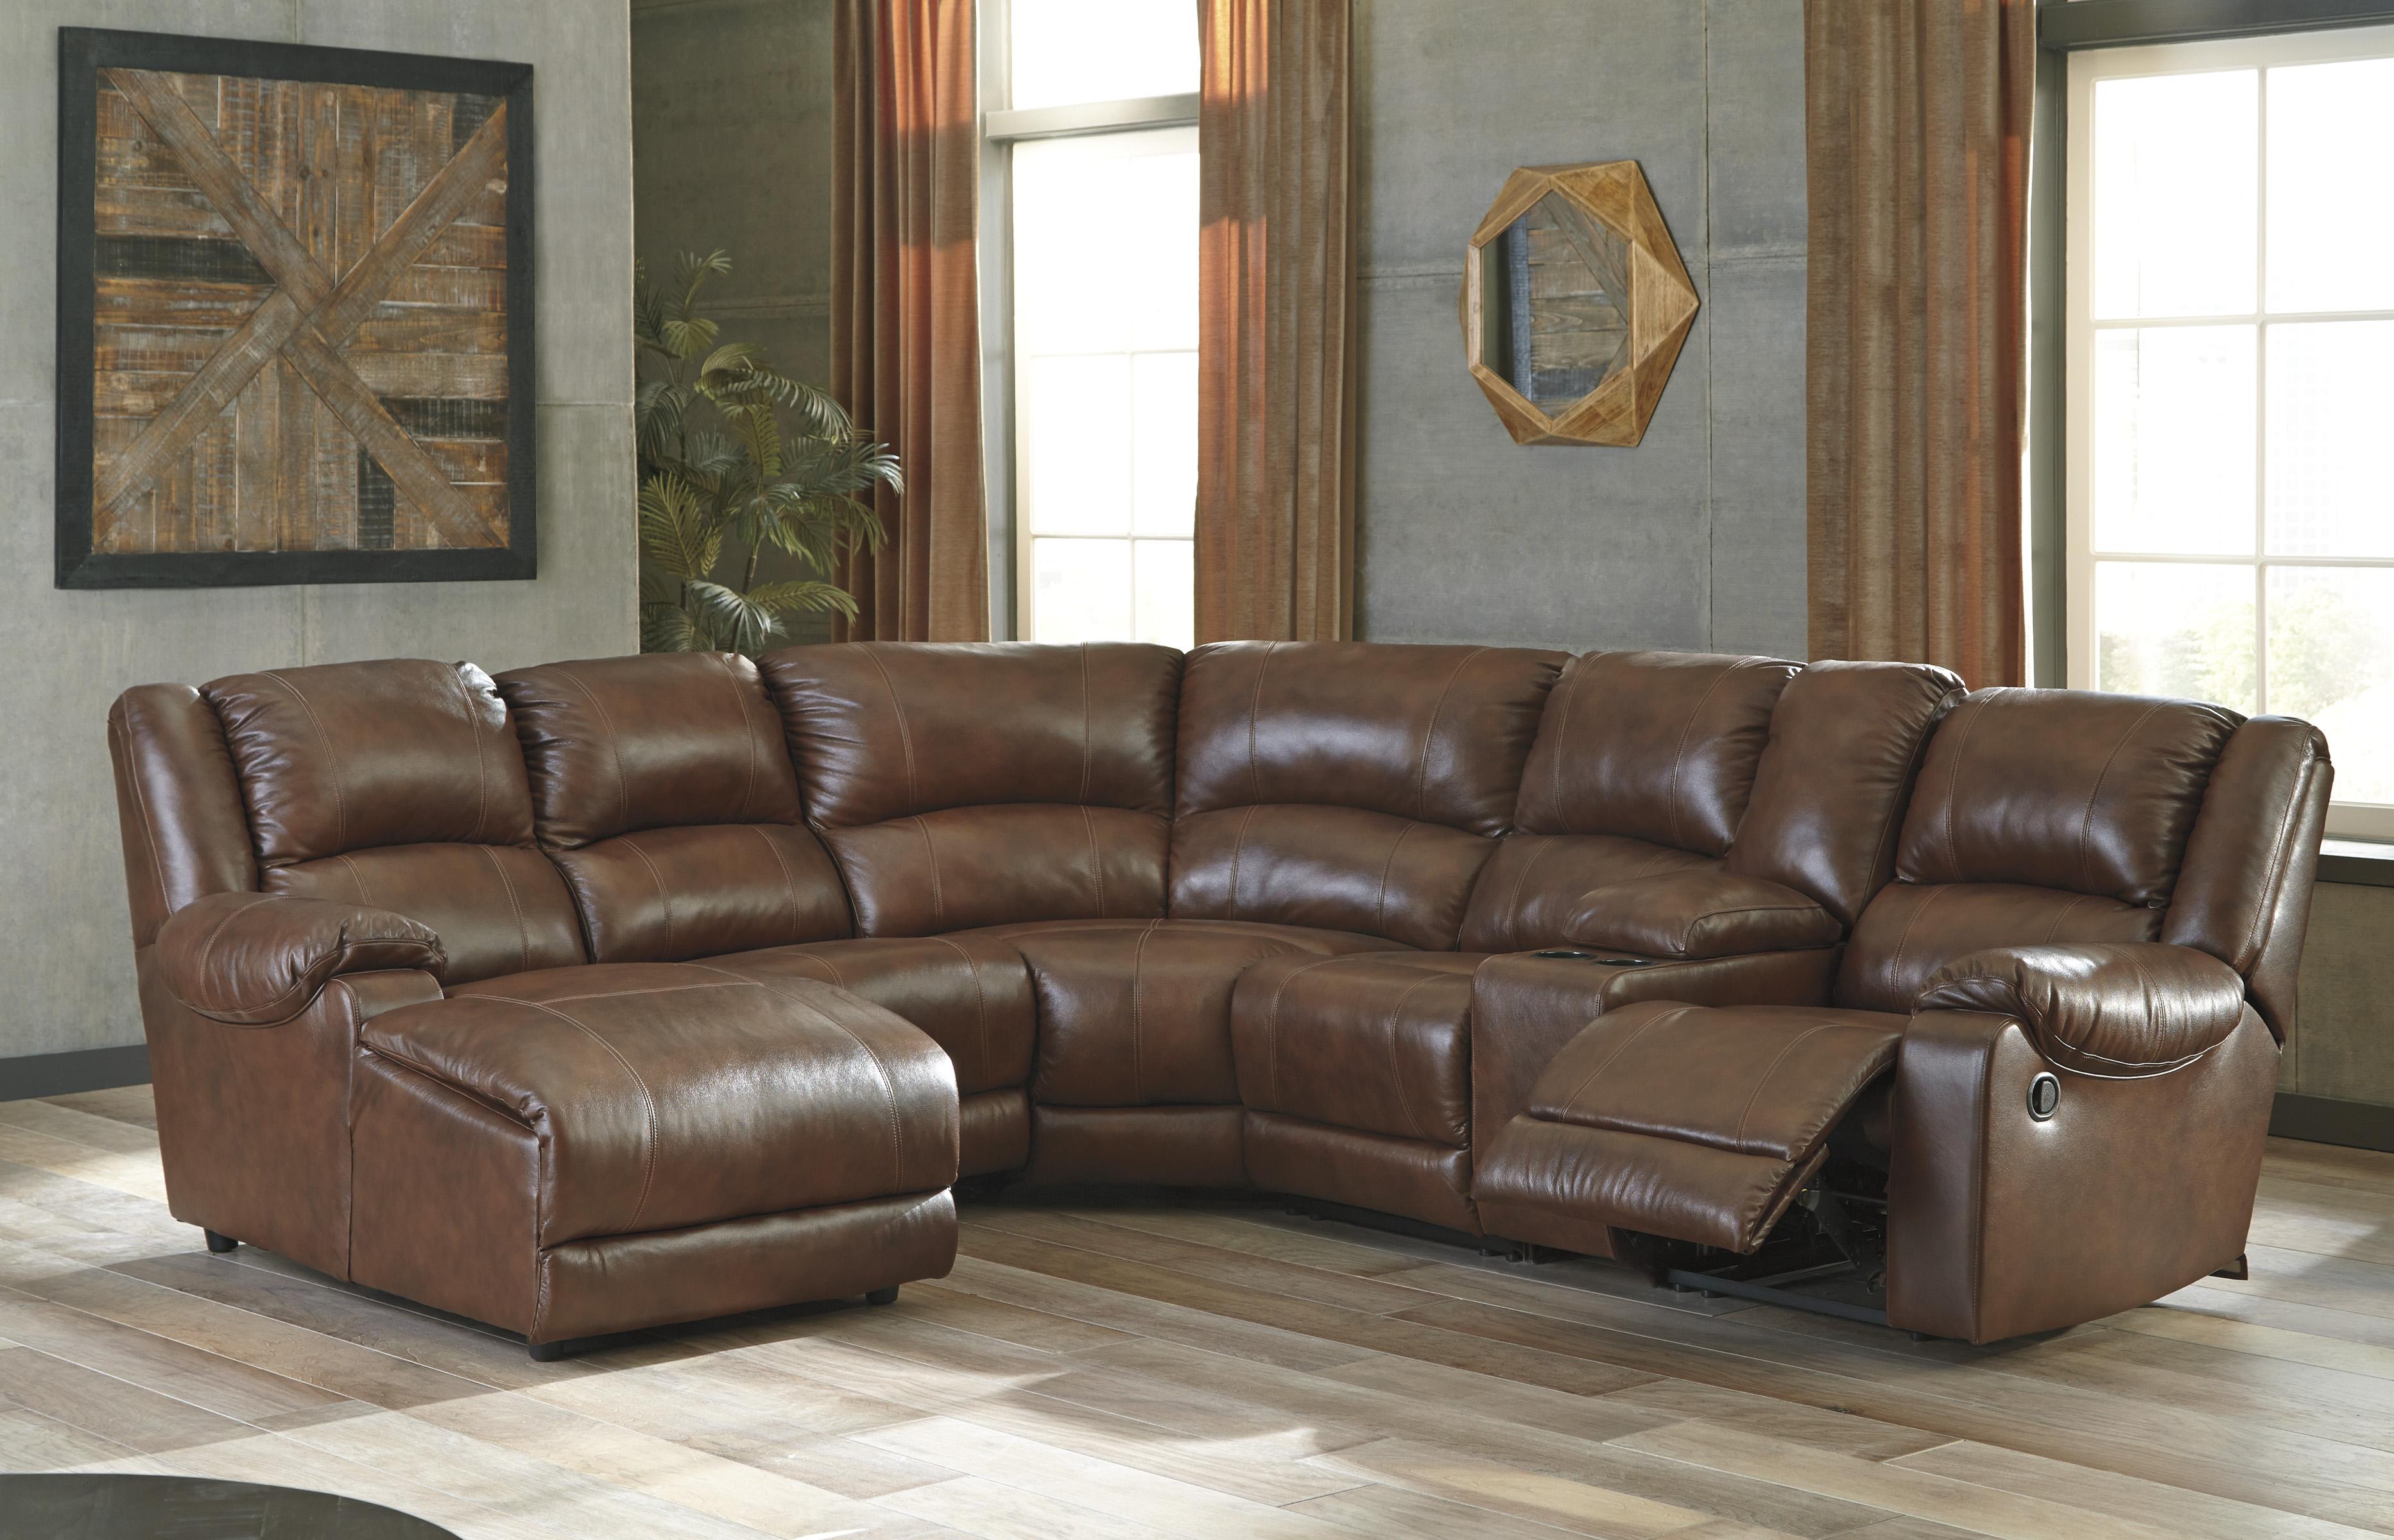 Furniture extreme calgary billwedge laf corner chaise for Ashley furniture laf corner chaise